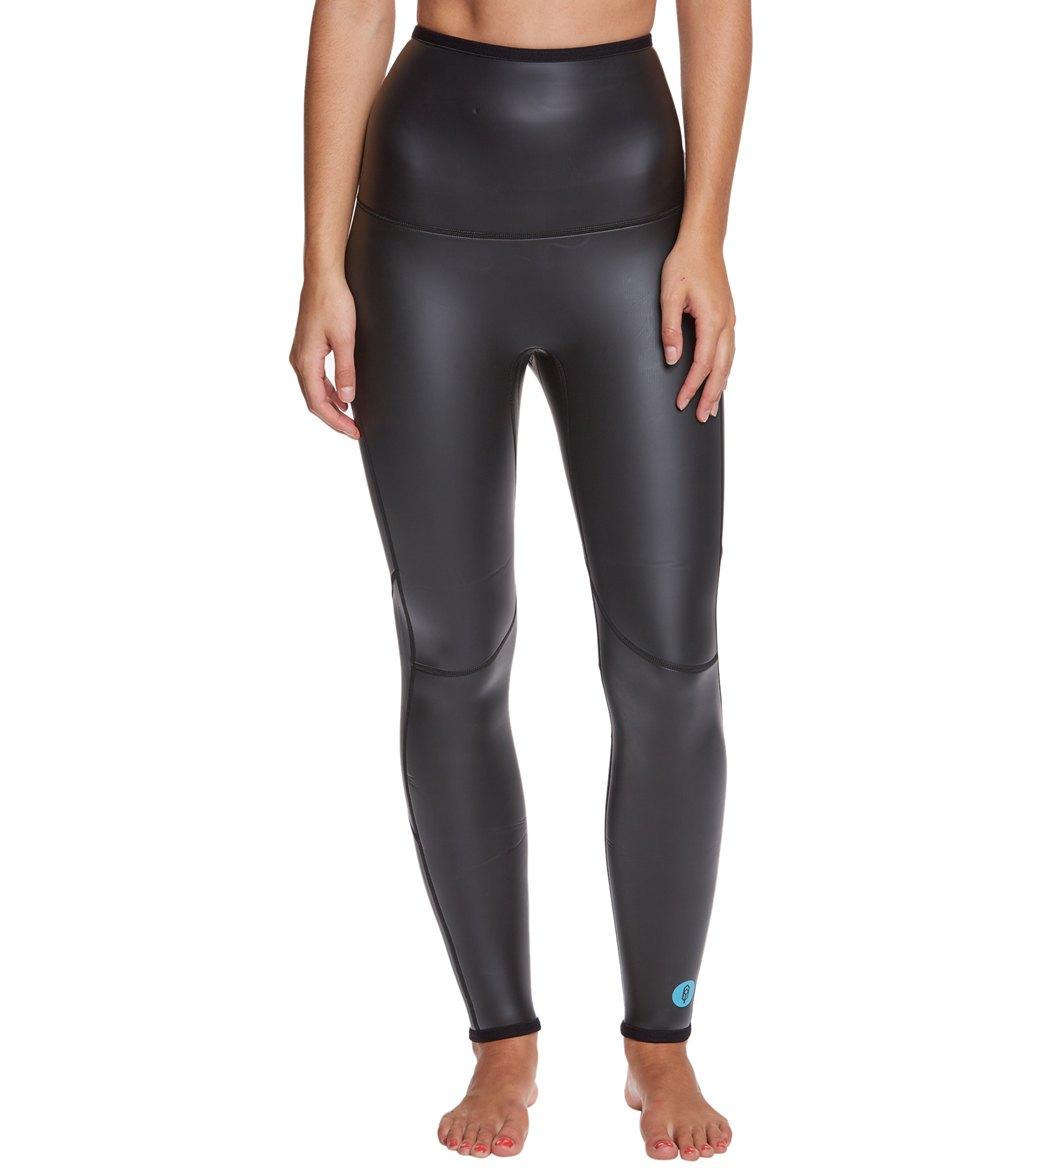 4342a7fe07 Women s Wetsuit Shorts   Pants at SwimOutlet.com